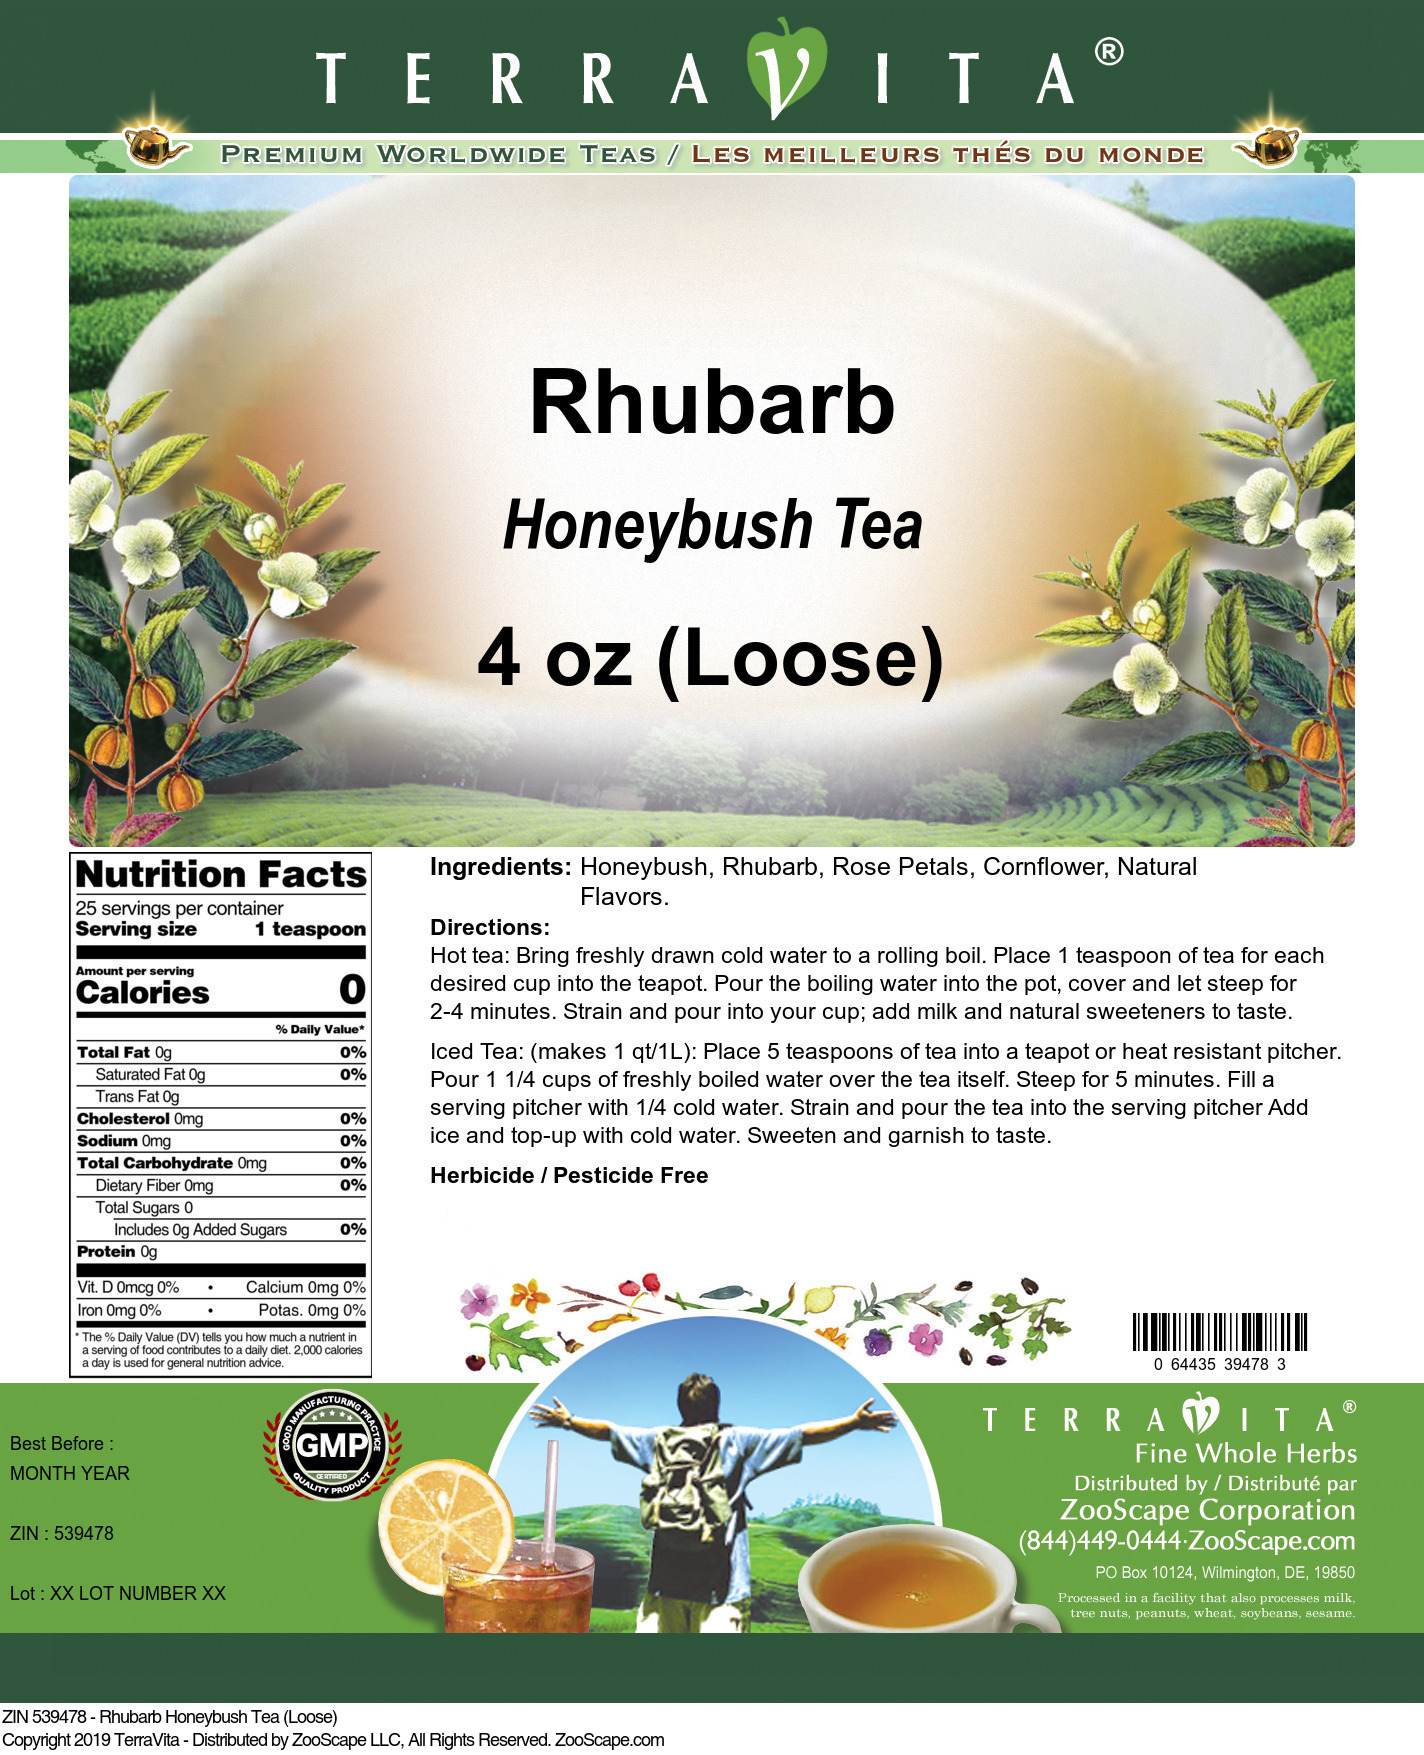 Rhubarb Honeybush Tea (Loose)